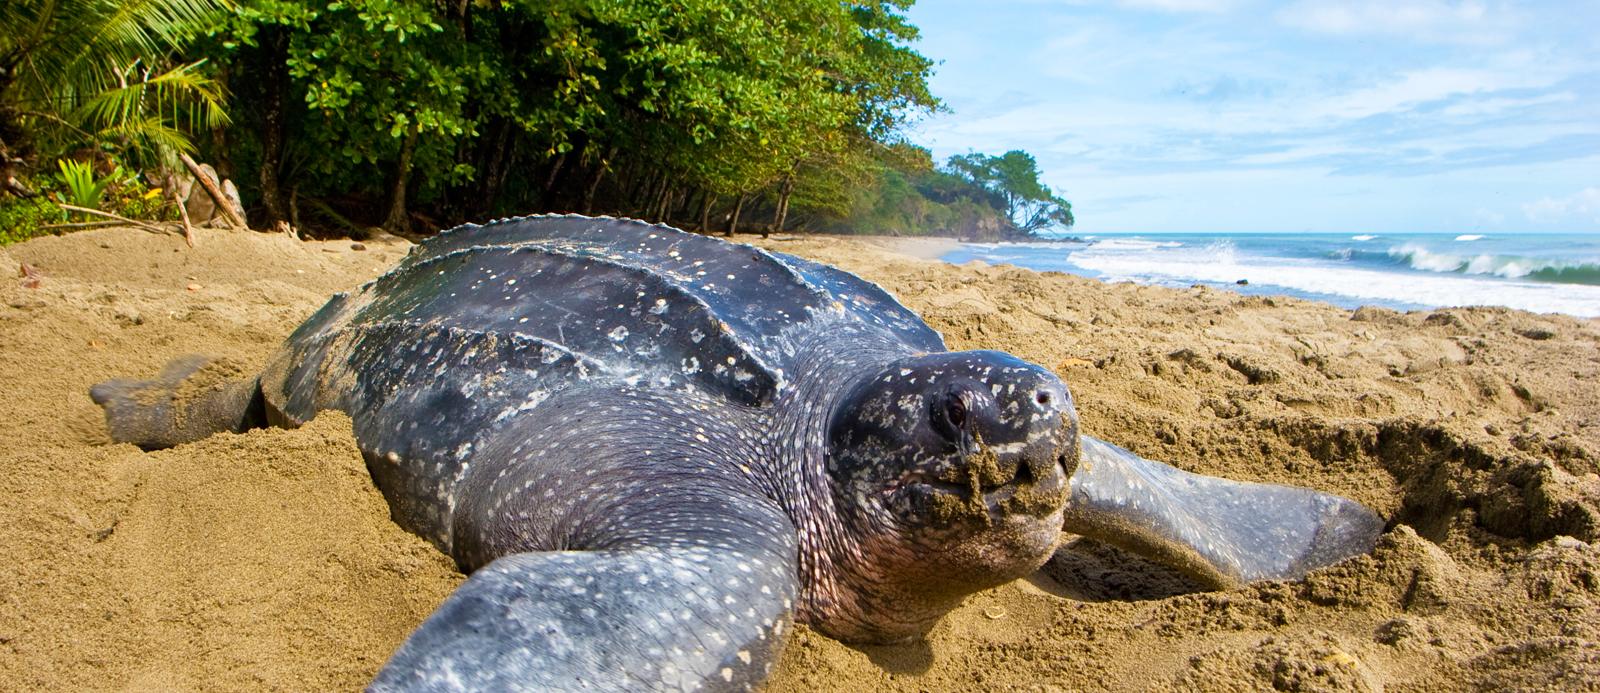 leatherback sea turtle in Playa Junquillal